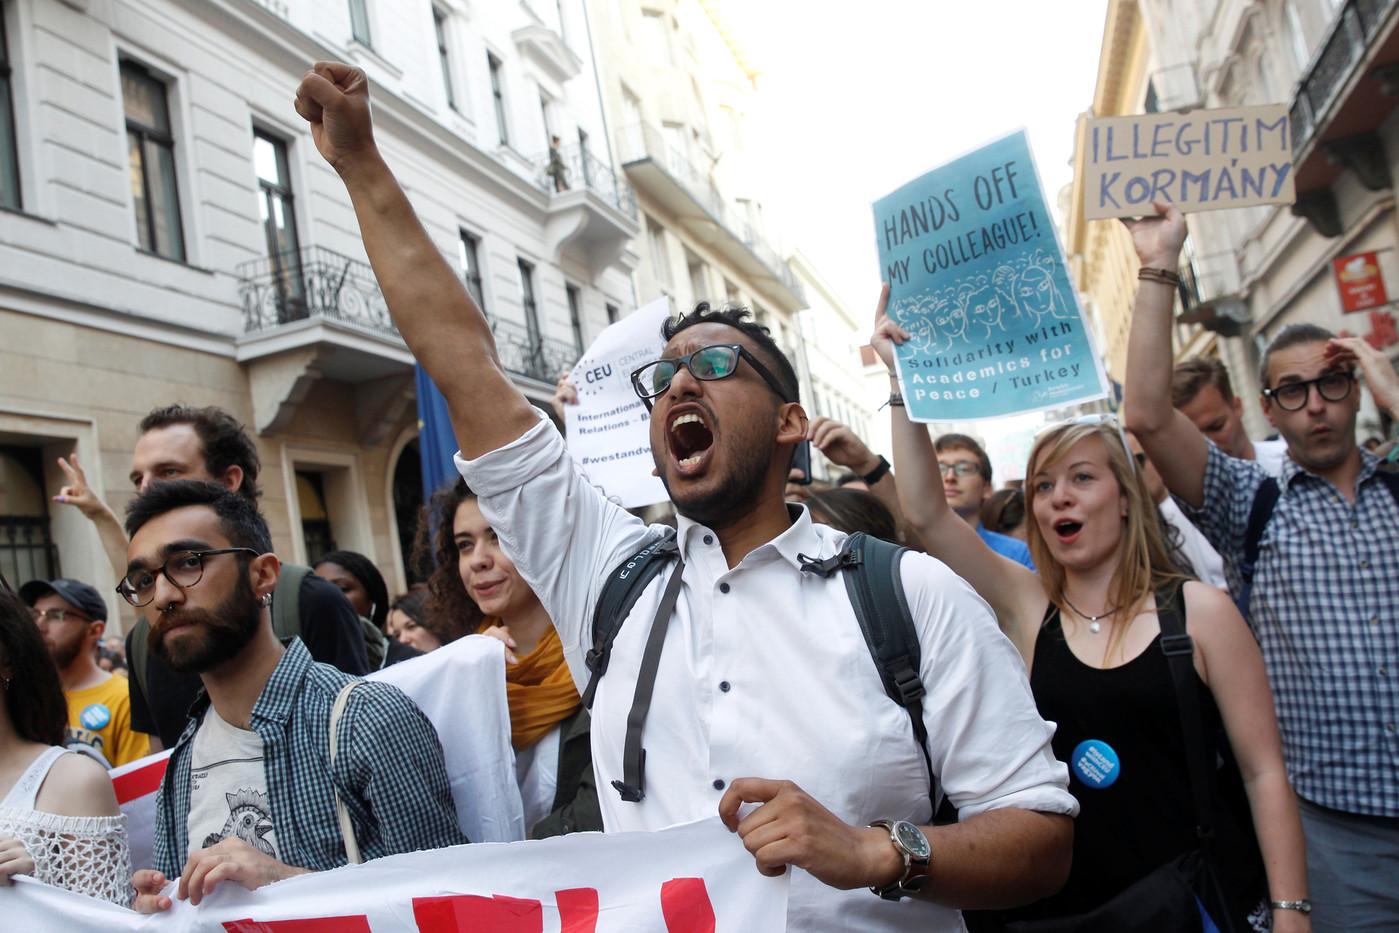 La défense de la liberté universitaire à l'ère populiste